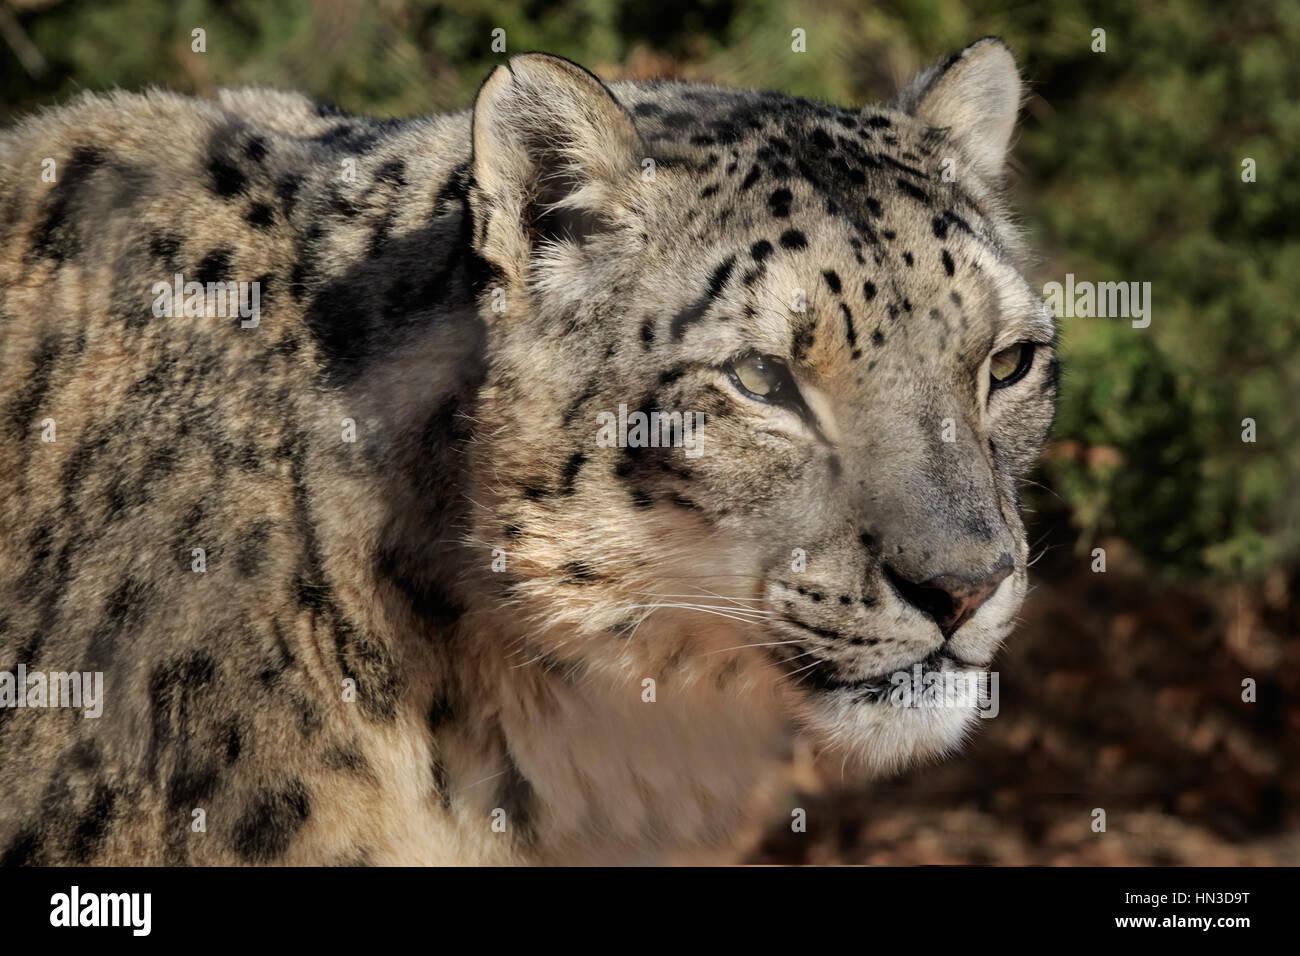 Un Snow Leopard desde el zoológico de la ciudad de Oklahoma. Imagen De Stock